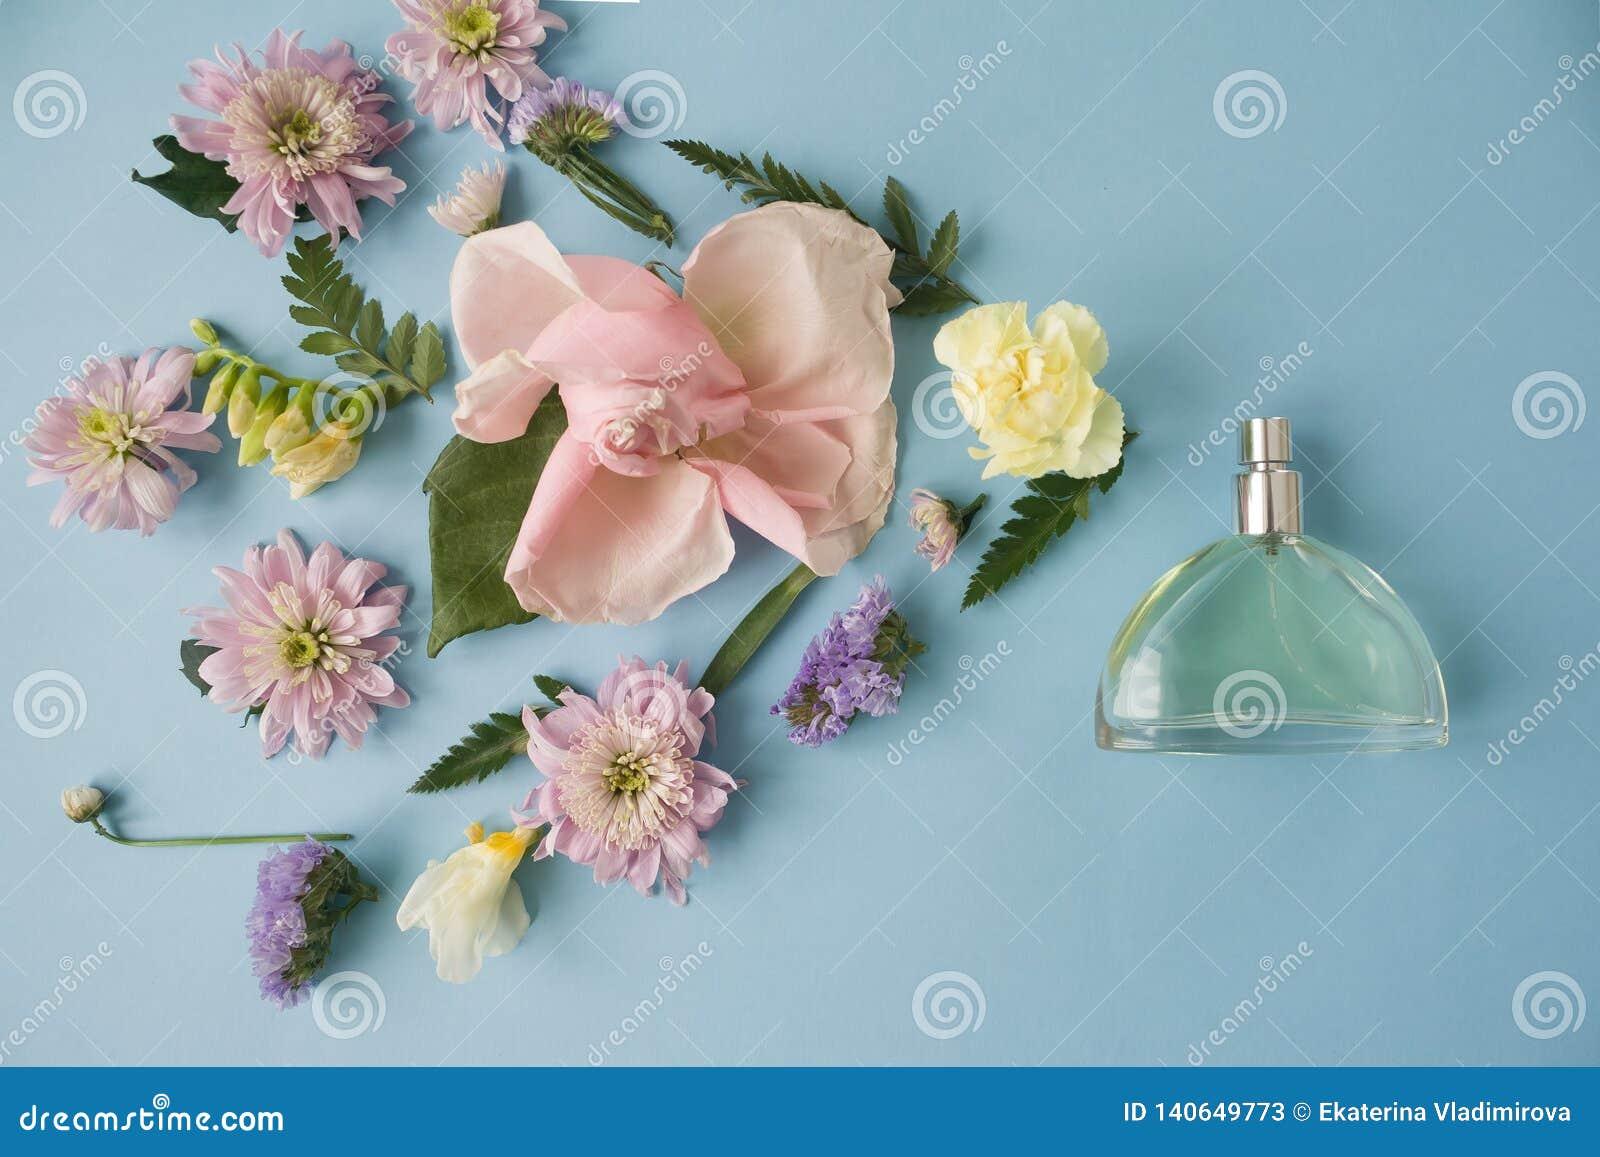 Der glückliche Tag der Mutter! Kartenkonzept Blumen, Duft, Parfüm auf blauem Hintergrund